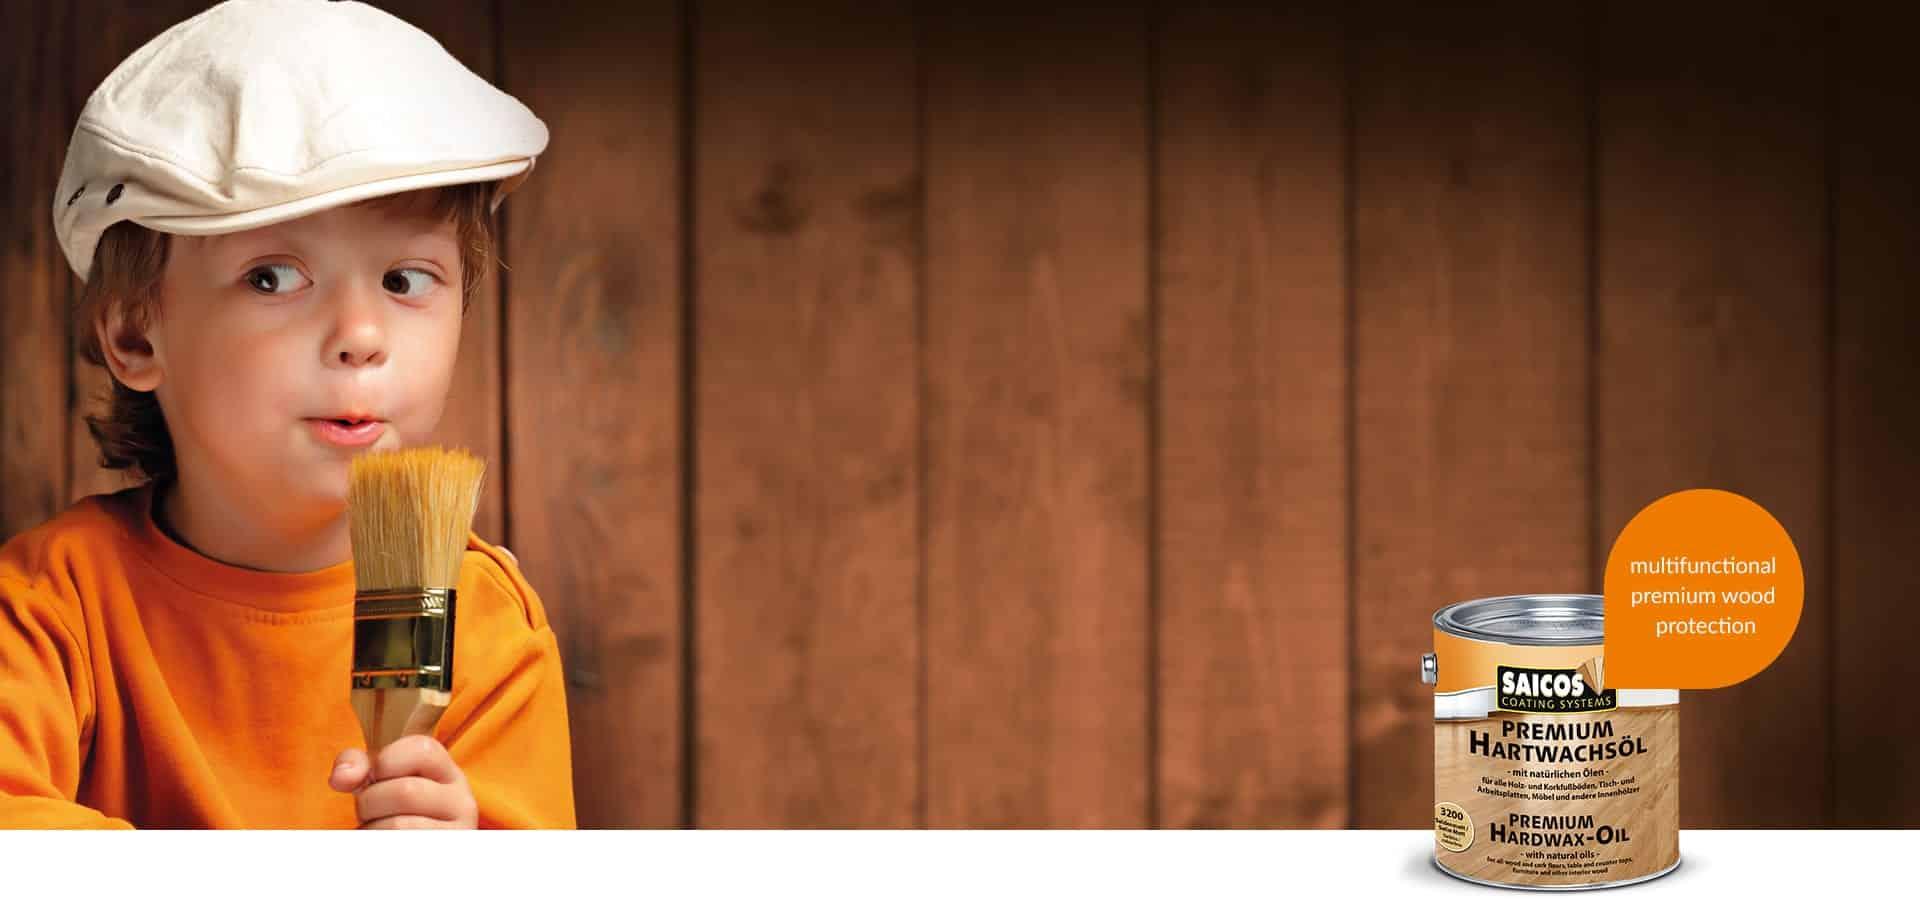 Saicos Premium Hartwachsöl Holzpflege ökologisch